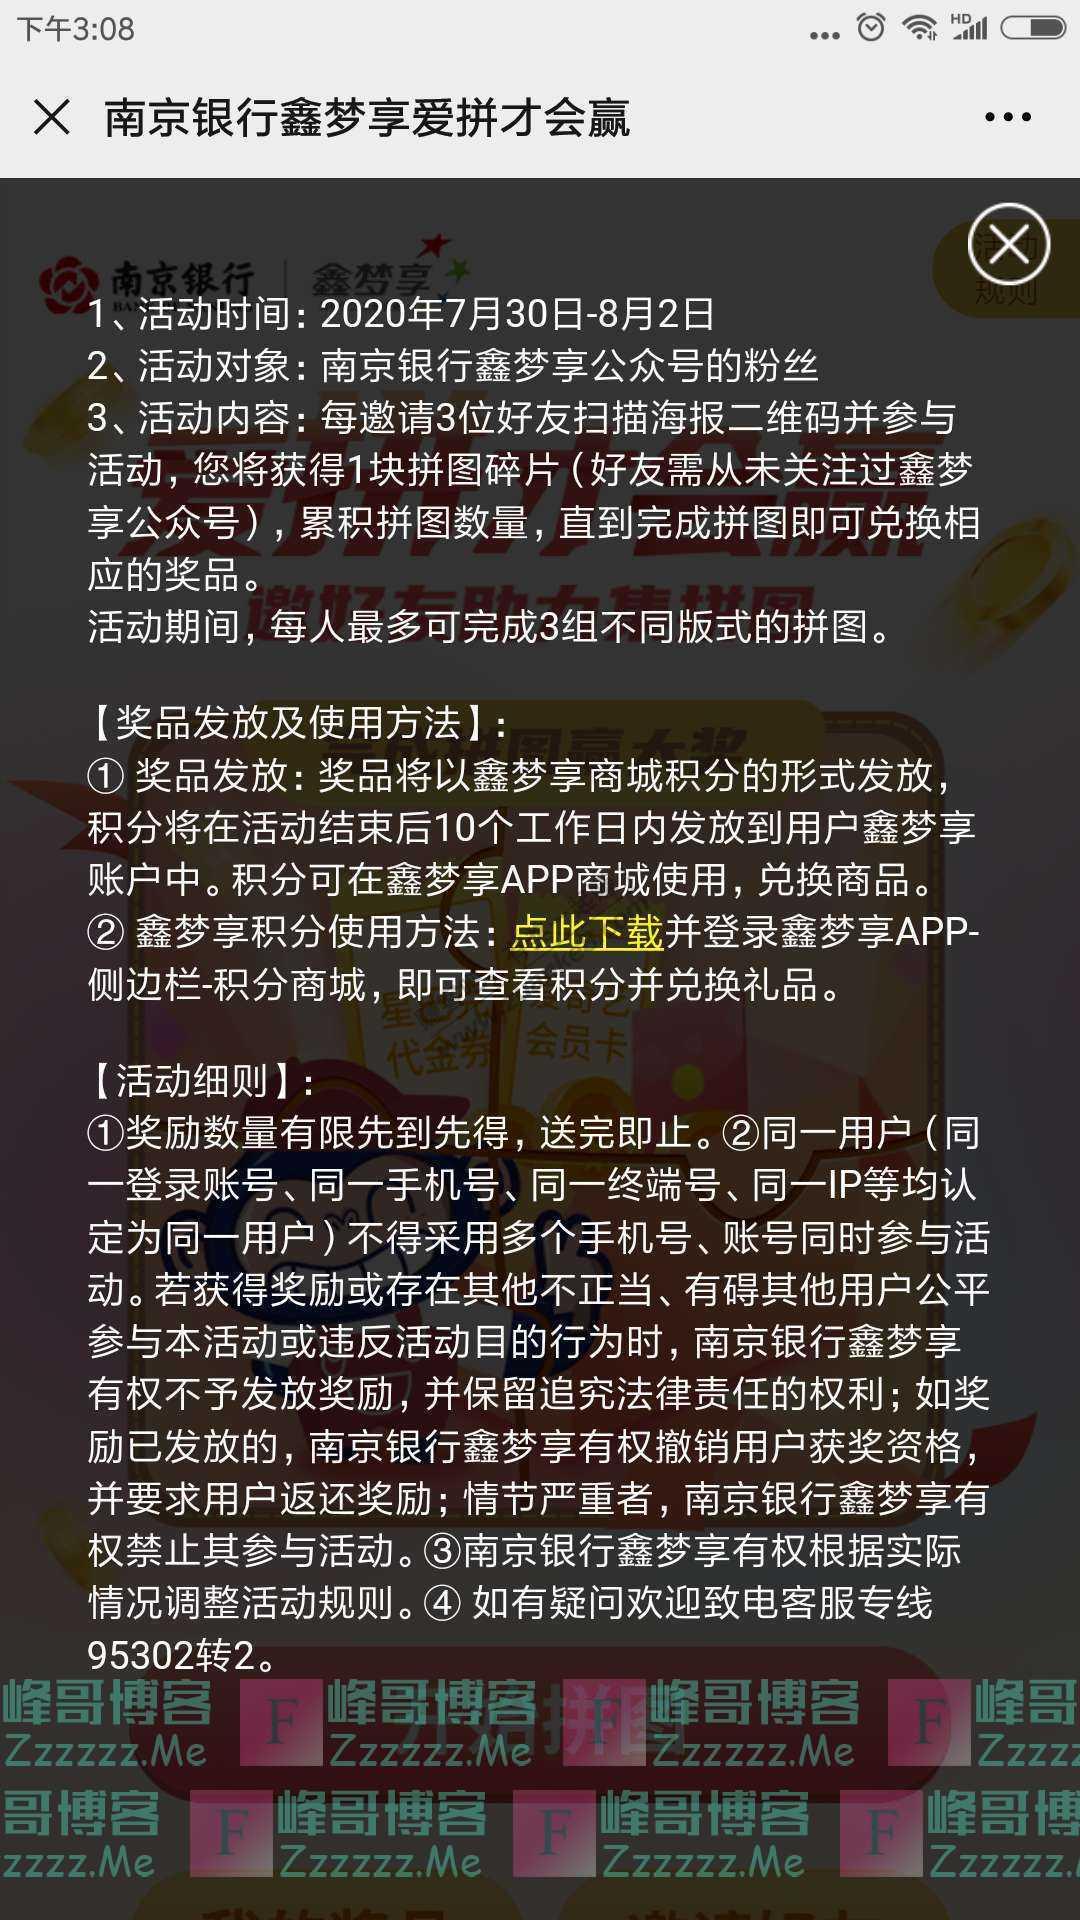 南京银行鑫梦享好拼!这届年轻人都太拼了吧(截止8月2日)